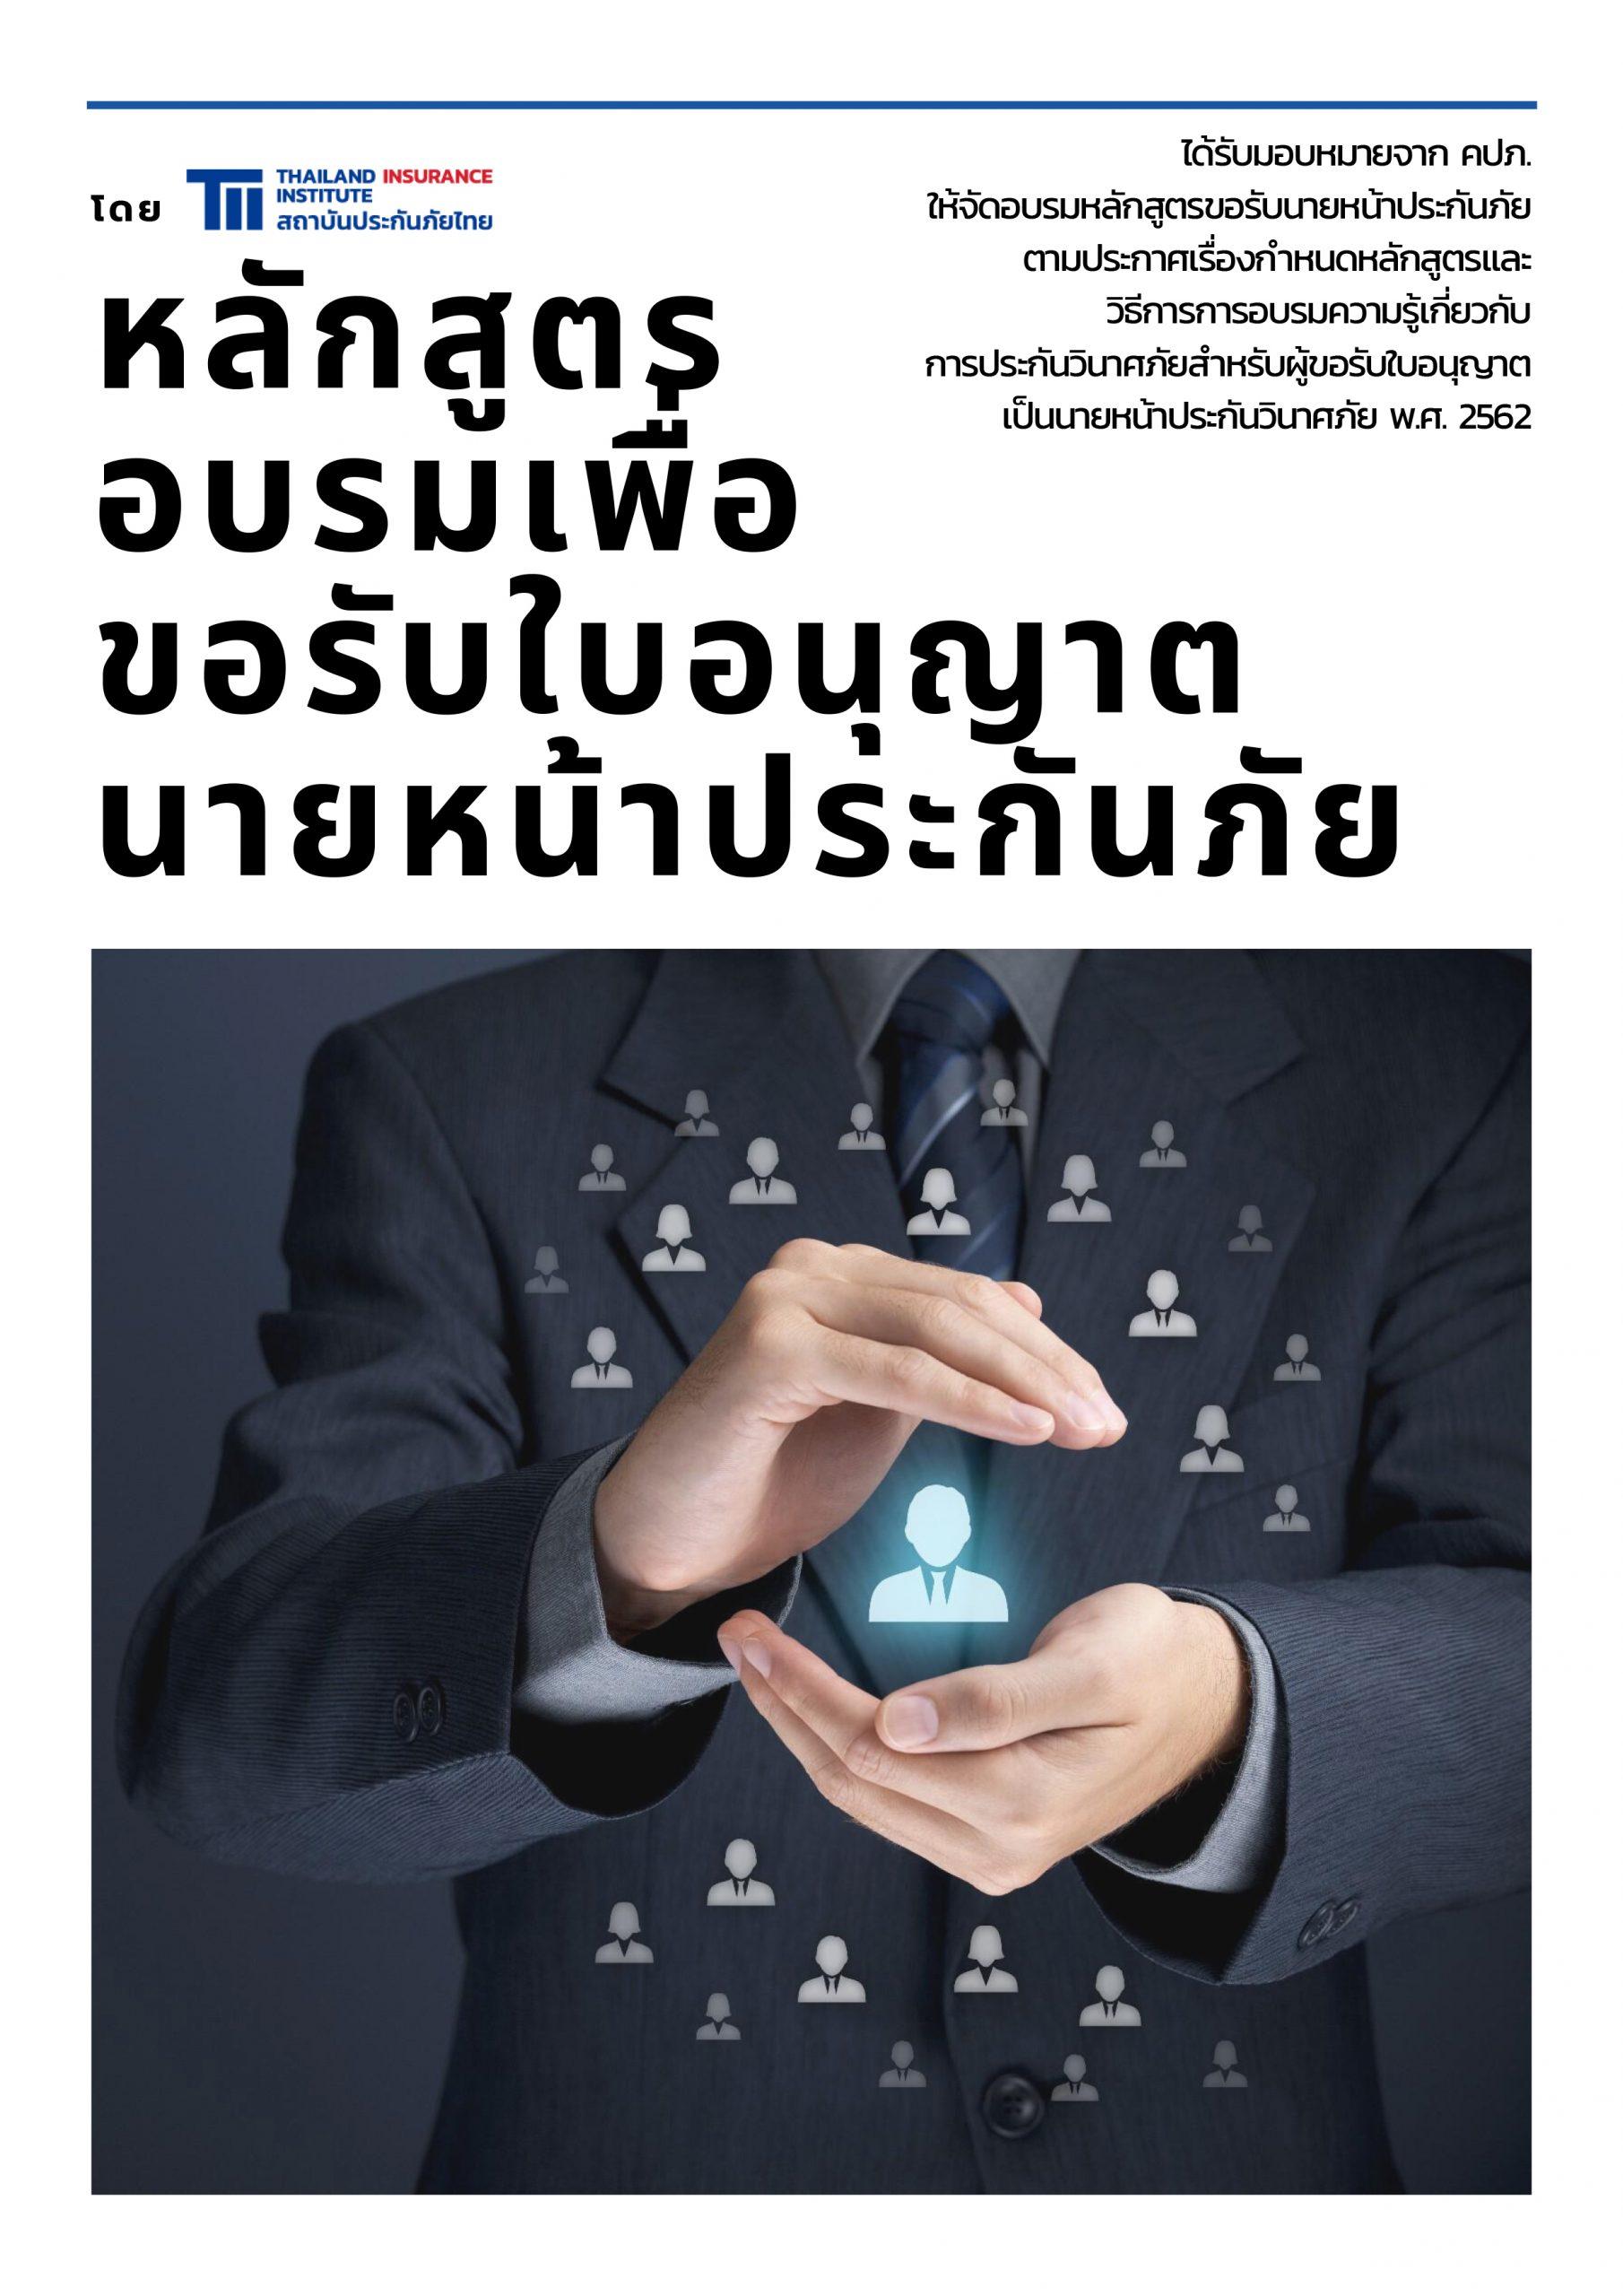 สมัครด่วน คปภ.ไฟเขียวแล้วให้ ทีไอไอ เปิดหลักสูตรอบรมนายหน้าประกันภัยไทย 12 ชั่วโมง 2